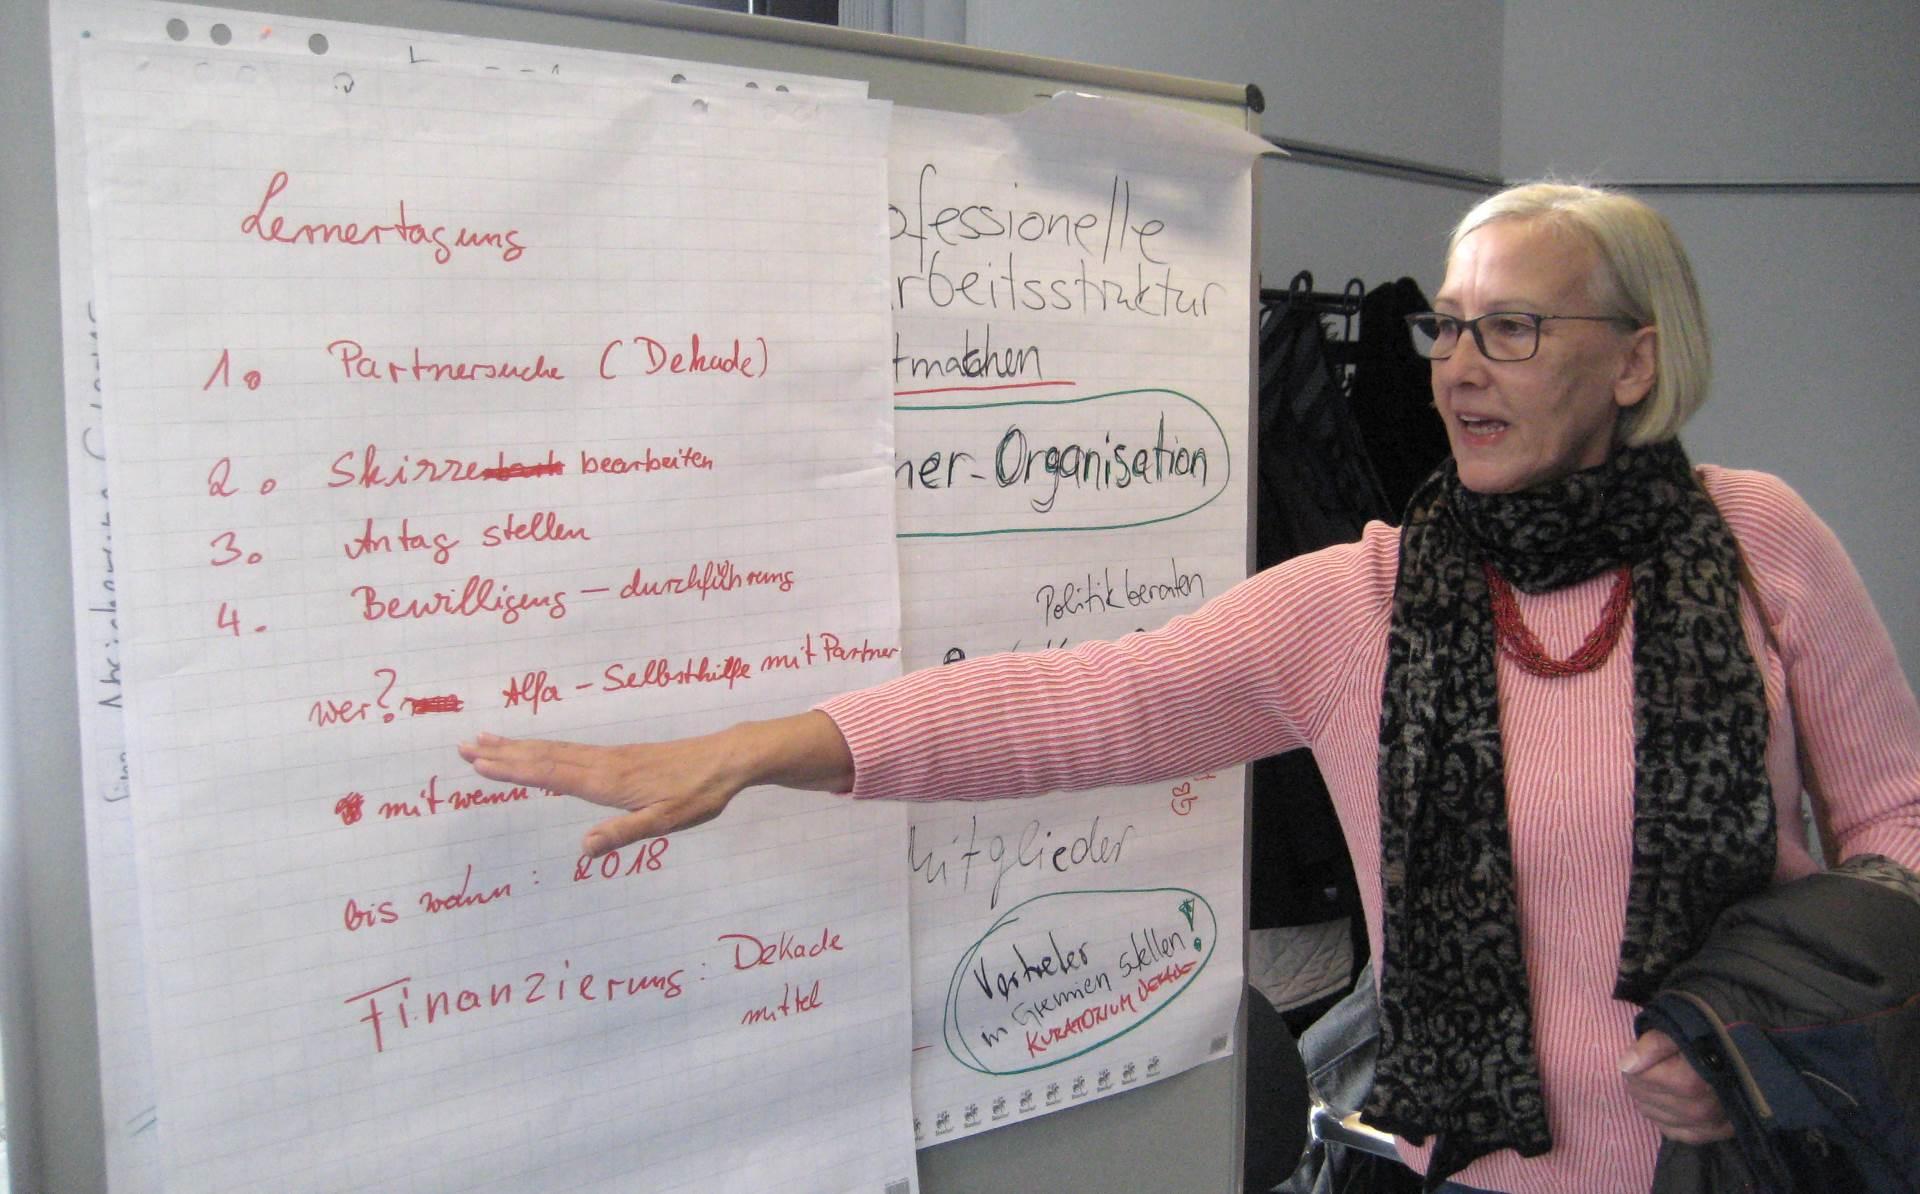 Jutta Stobbe erläutert das Ergebnis ihrer Arbeitsgruppe | Foto: Achim Scholz